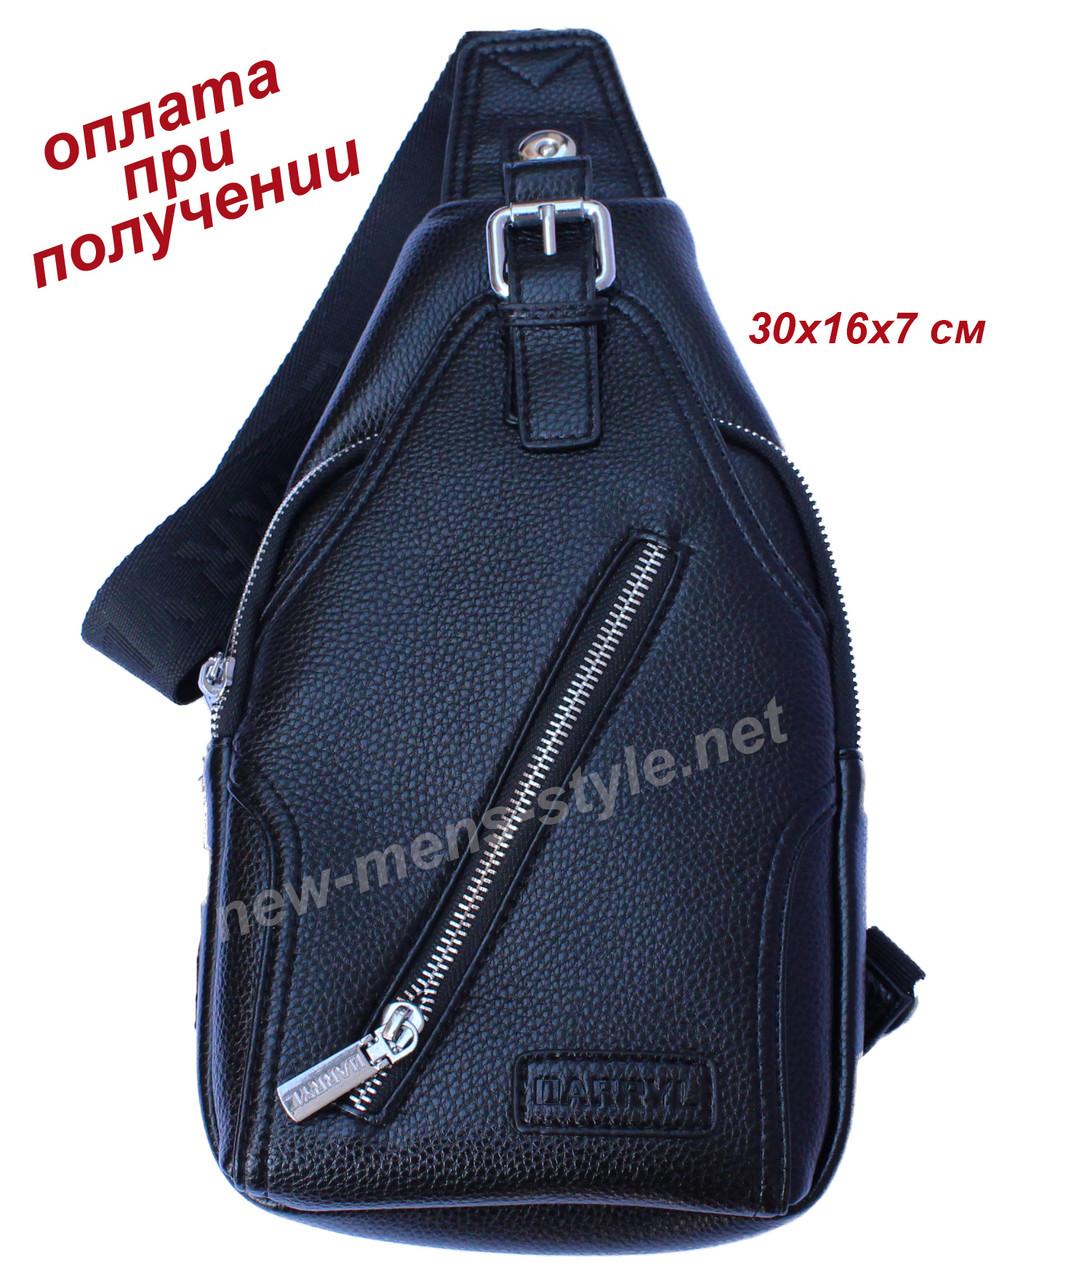 Чоловіча чоловіча спортивна шкіряна сумка слінг рюкзак бананка DARRYL